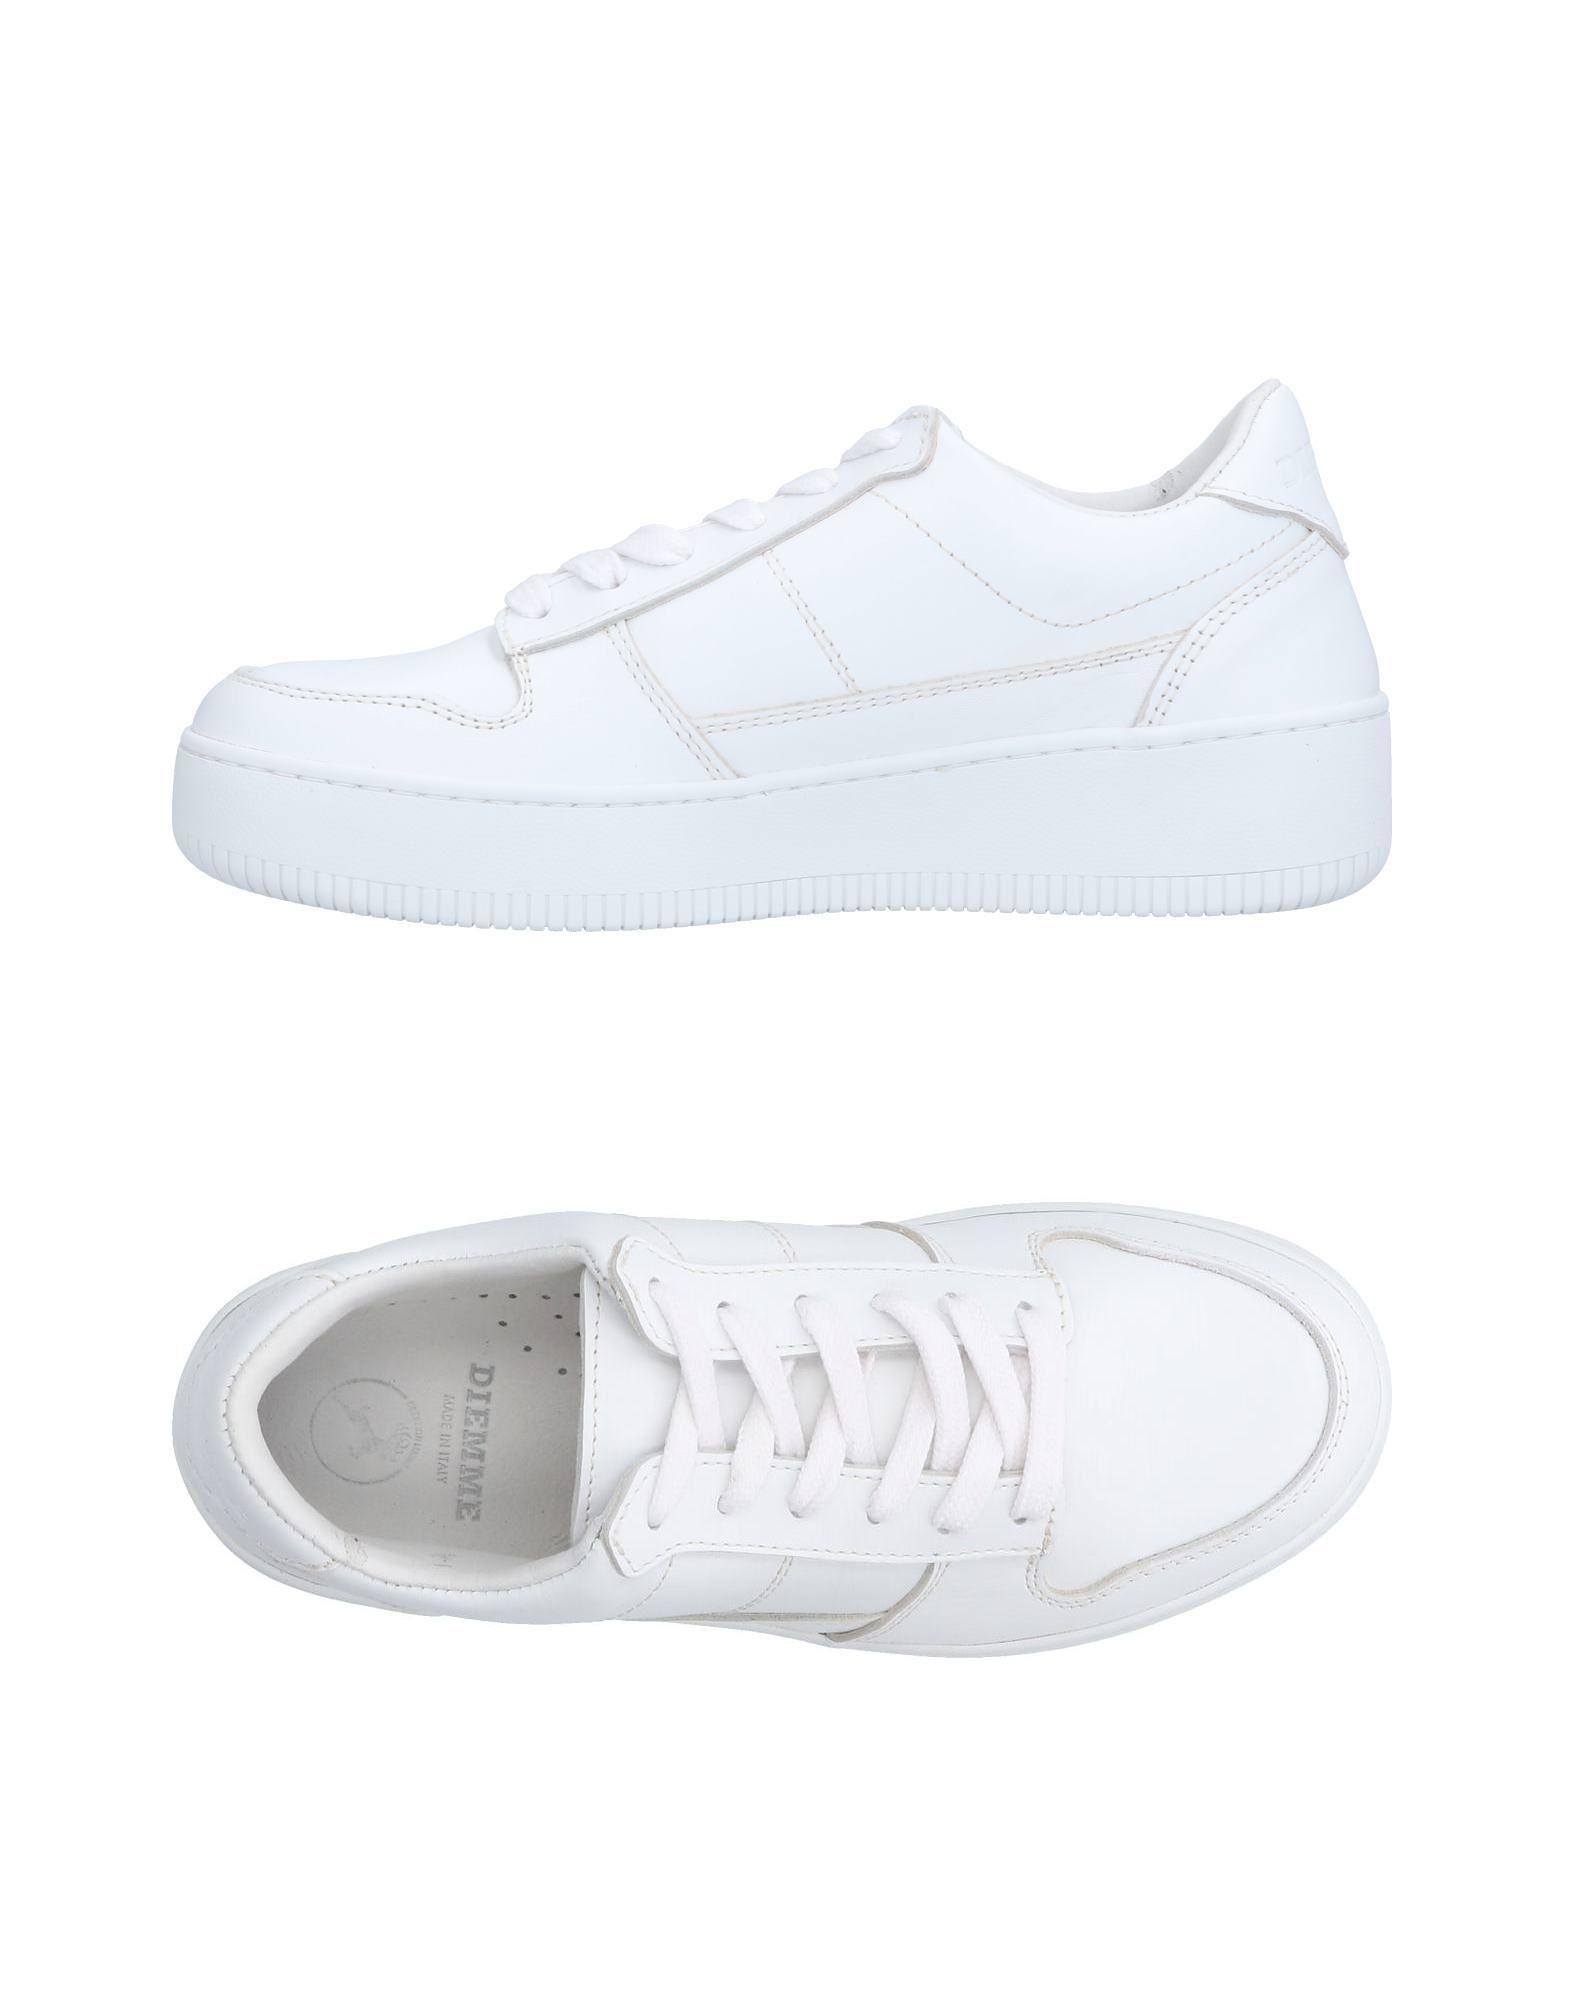 Diemme Sneakers Damen    11500851JO Heiße Schuhe 39c321